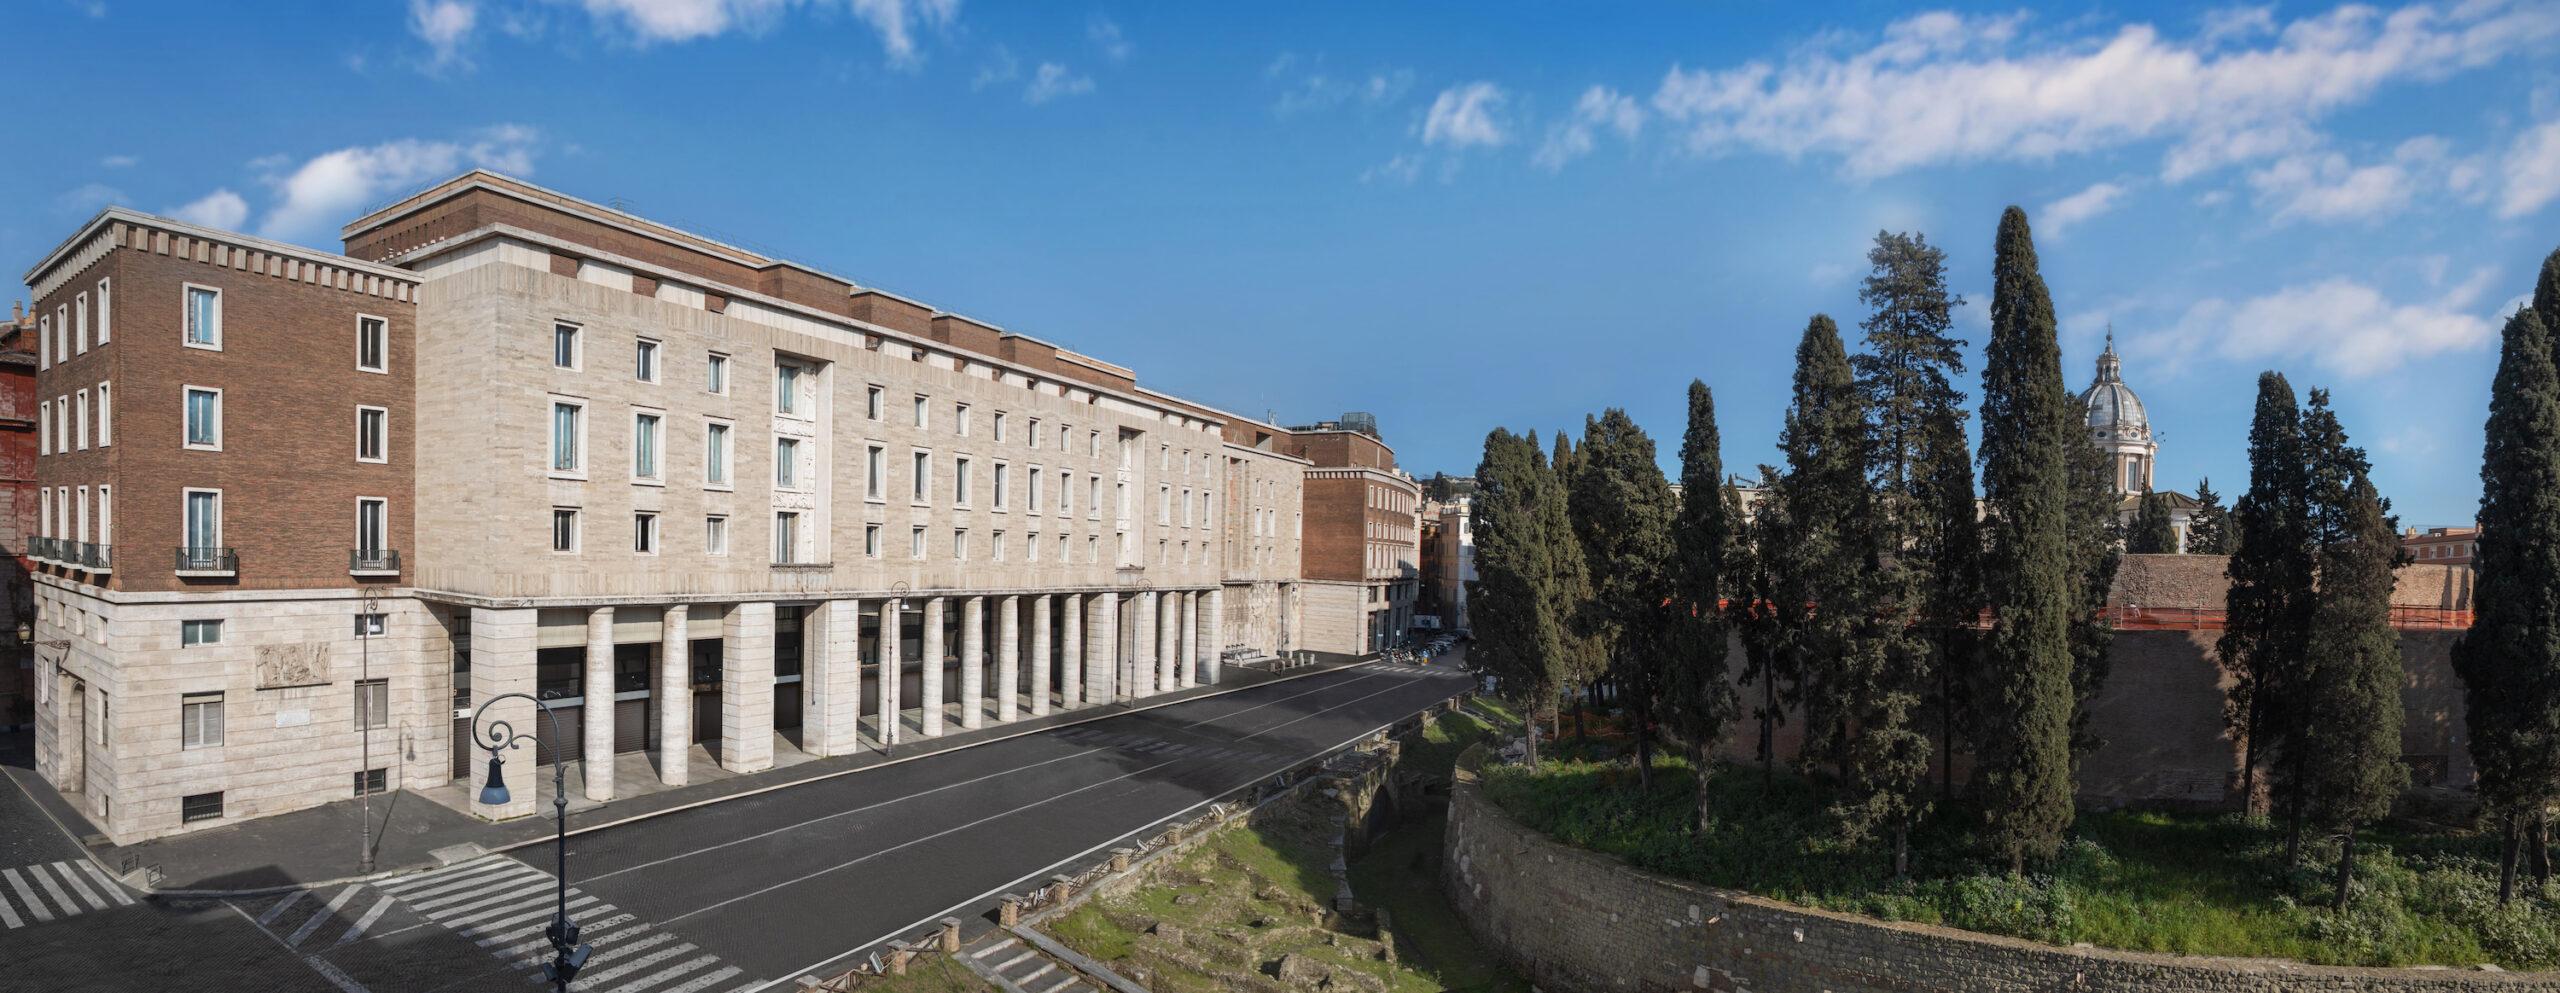 Bulgari Hotel Roma